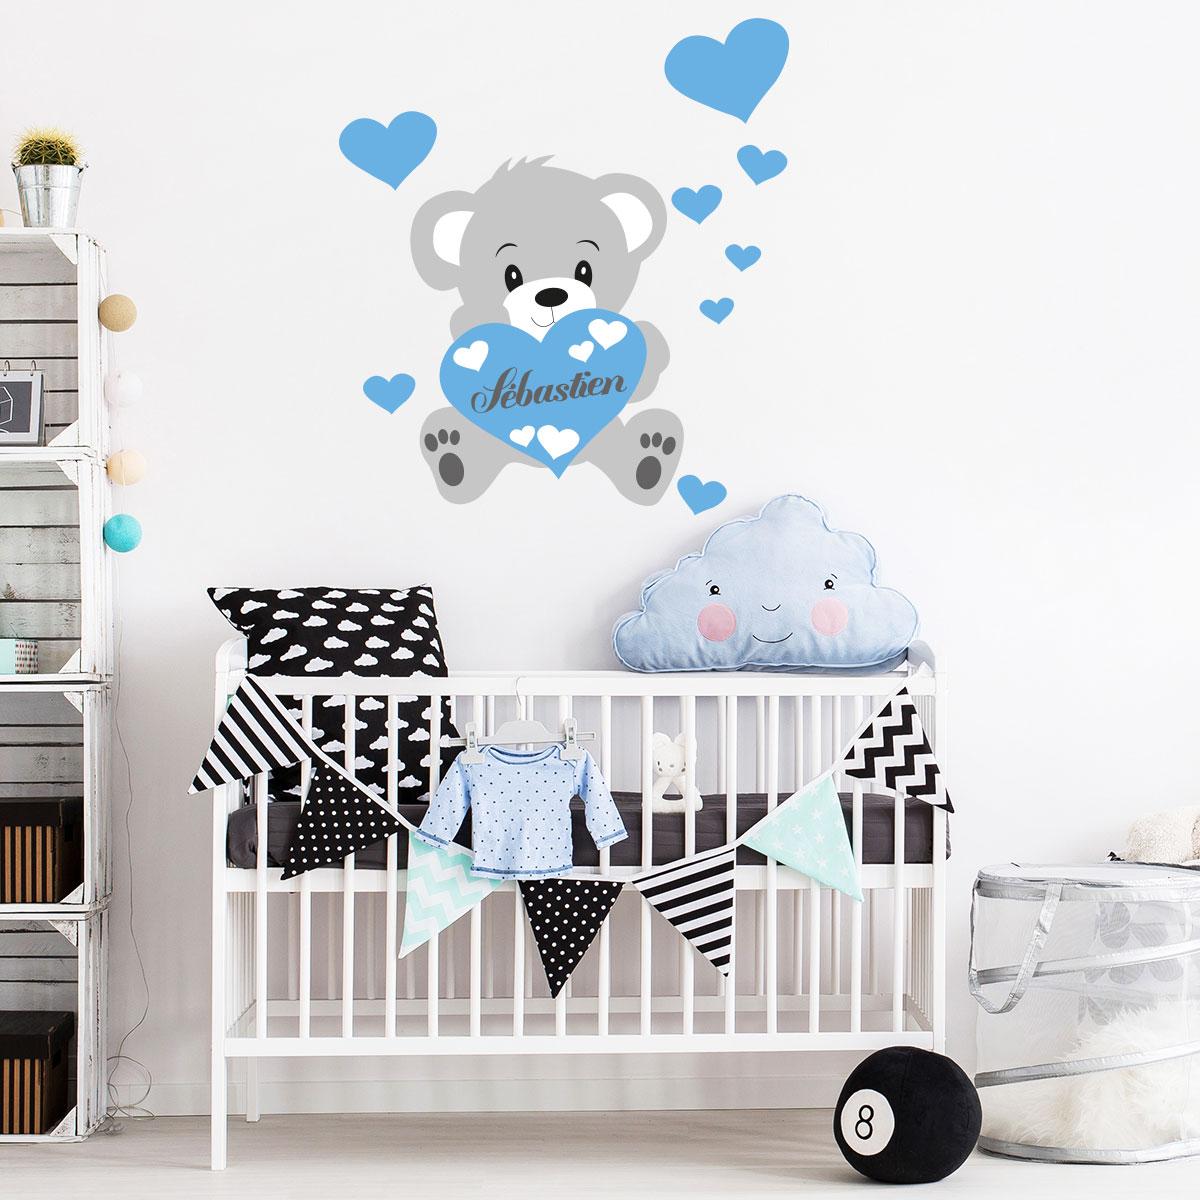 Stickers Muraux Chambre Bébé petits stickers muraux de bébé avec nom